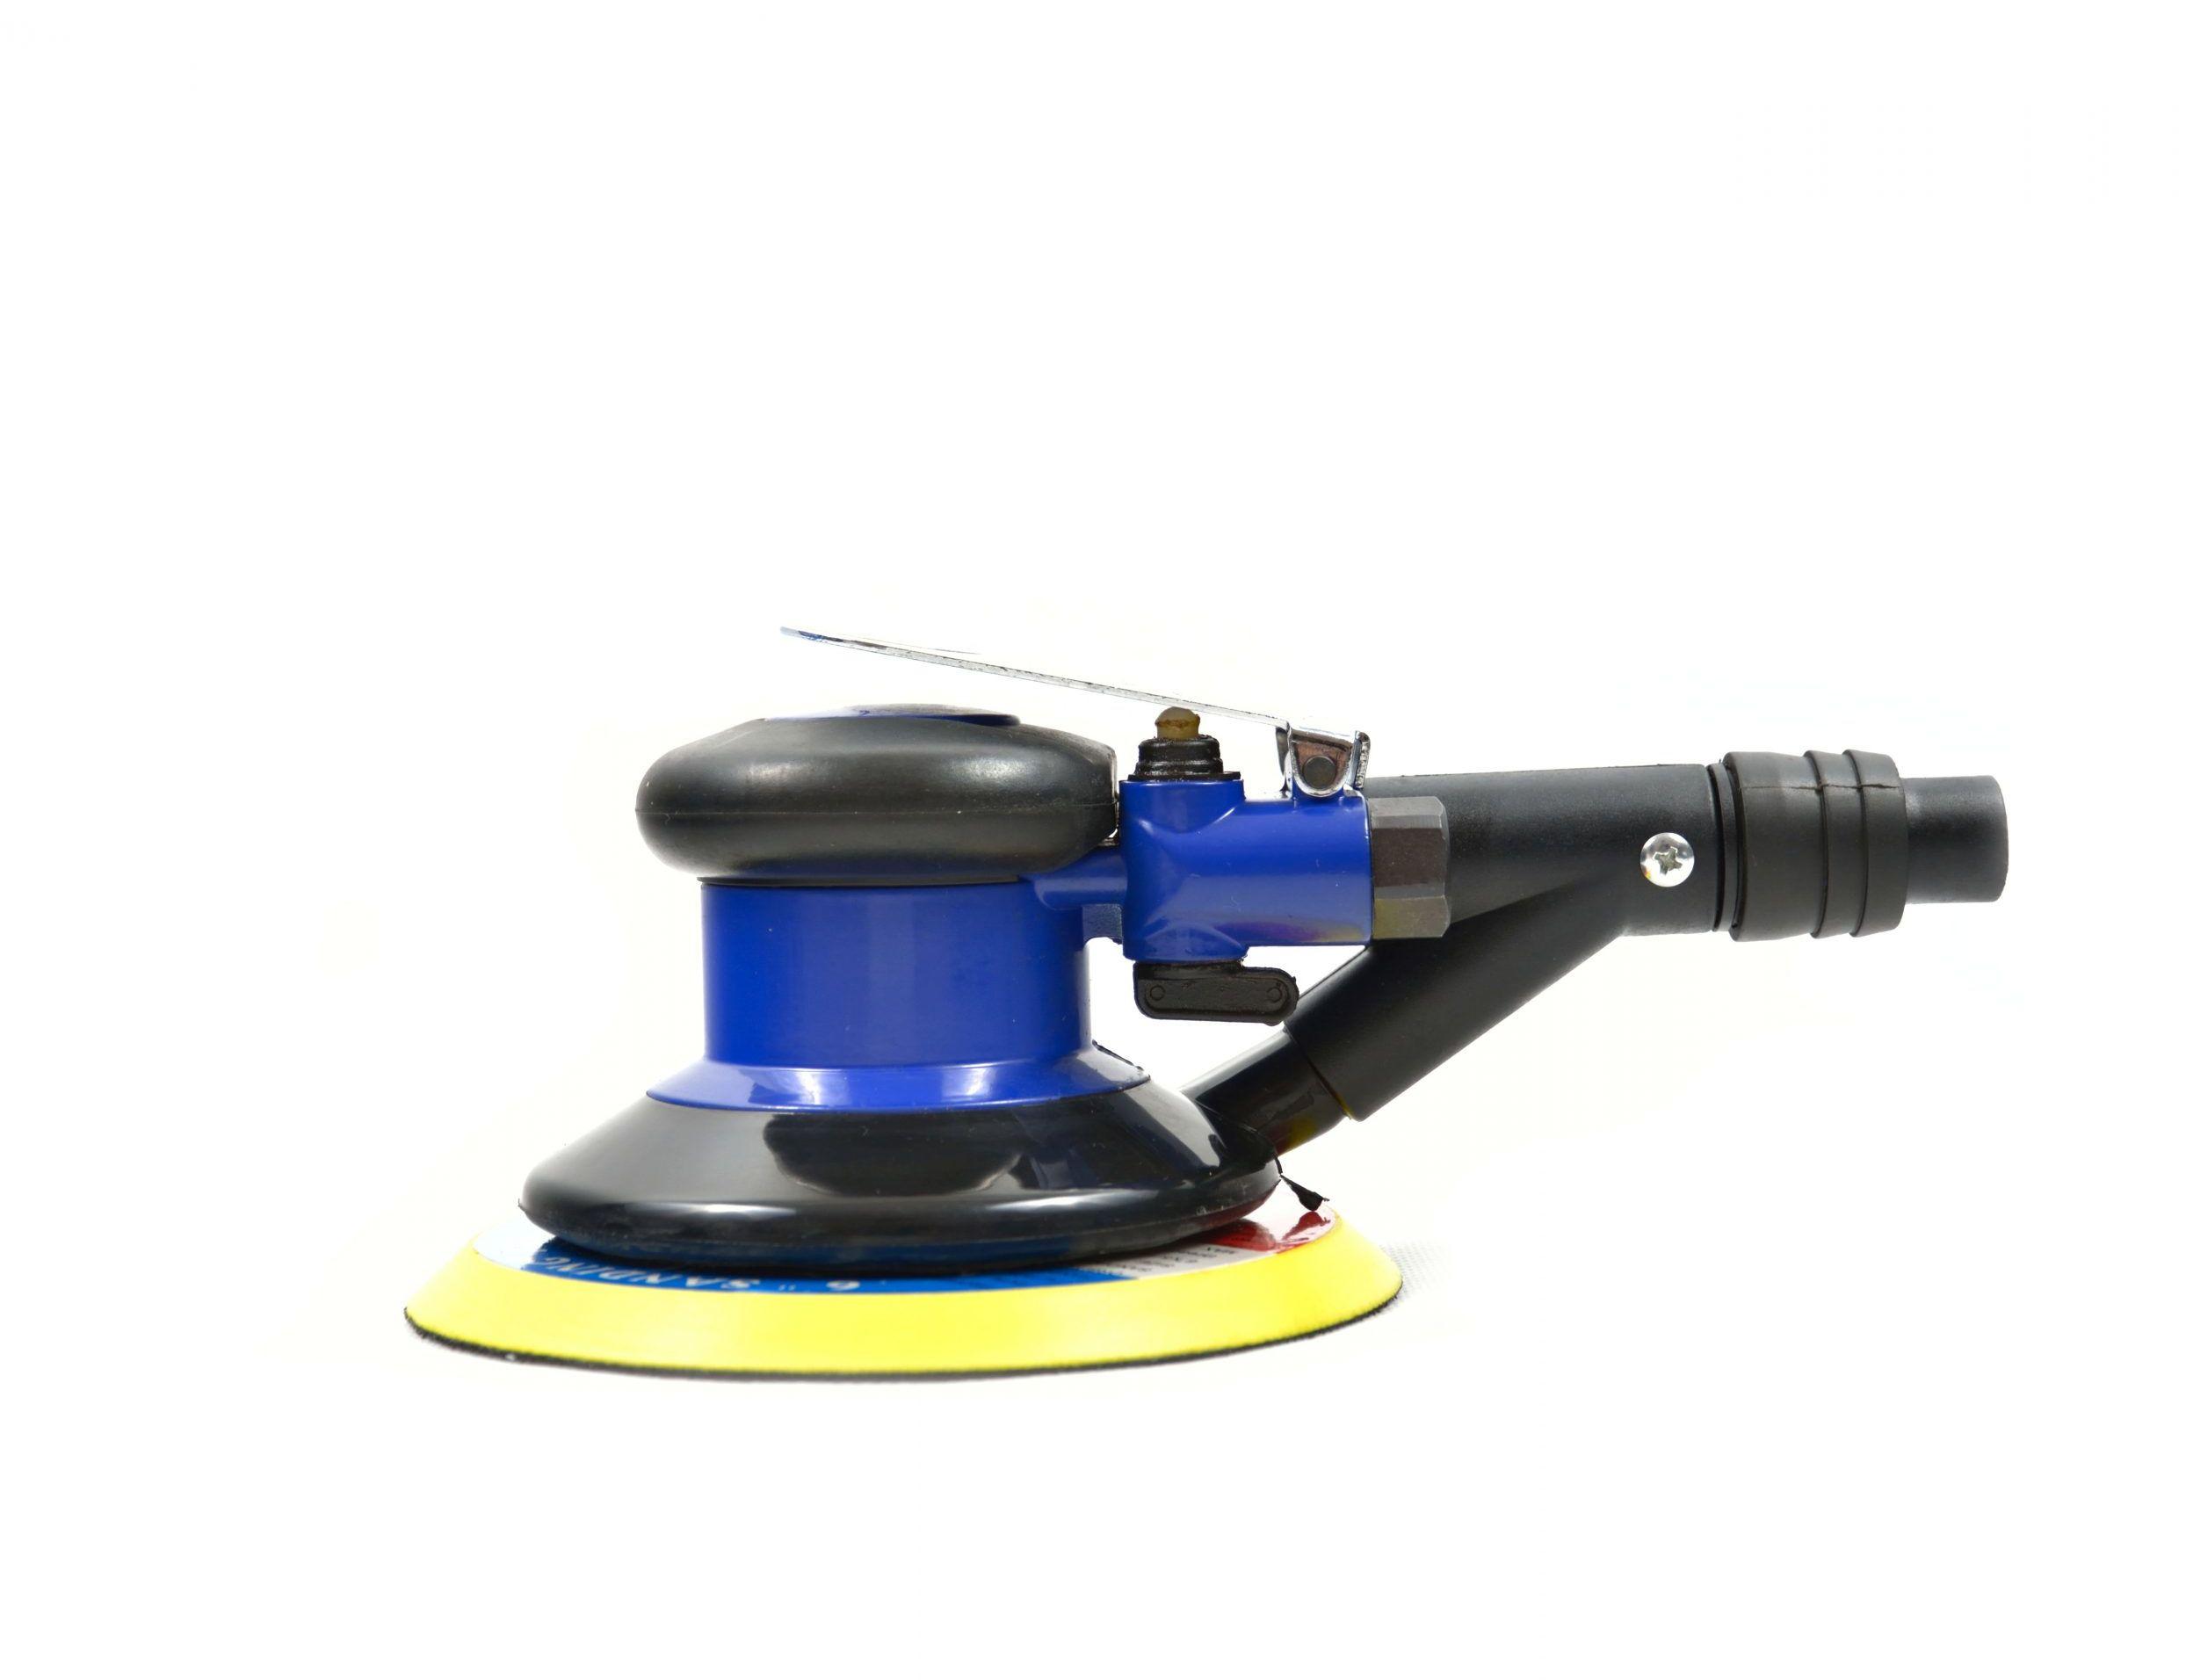 Szlifierka pneumatyczna mimośrodowa oscylacyjna 150mm GEKO